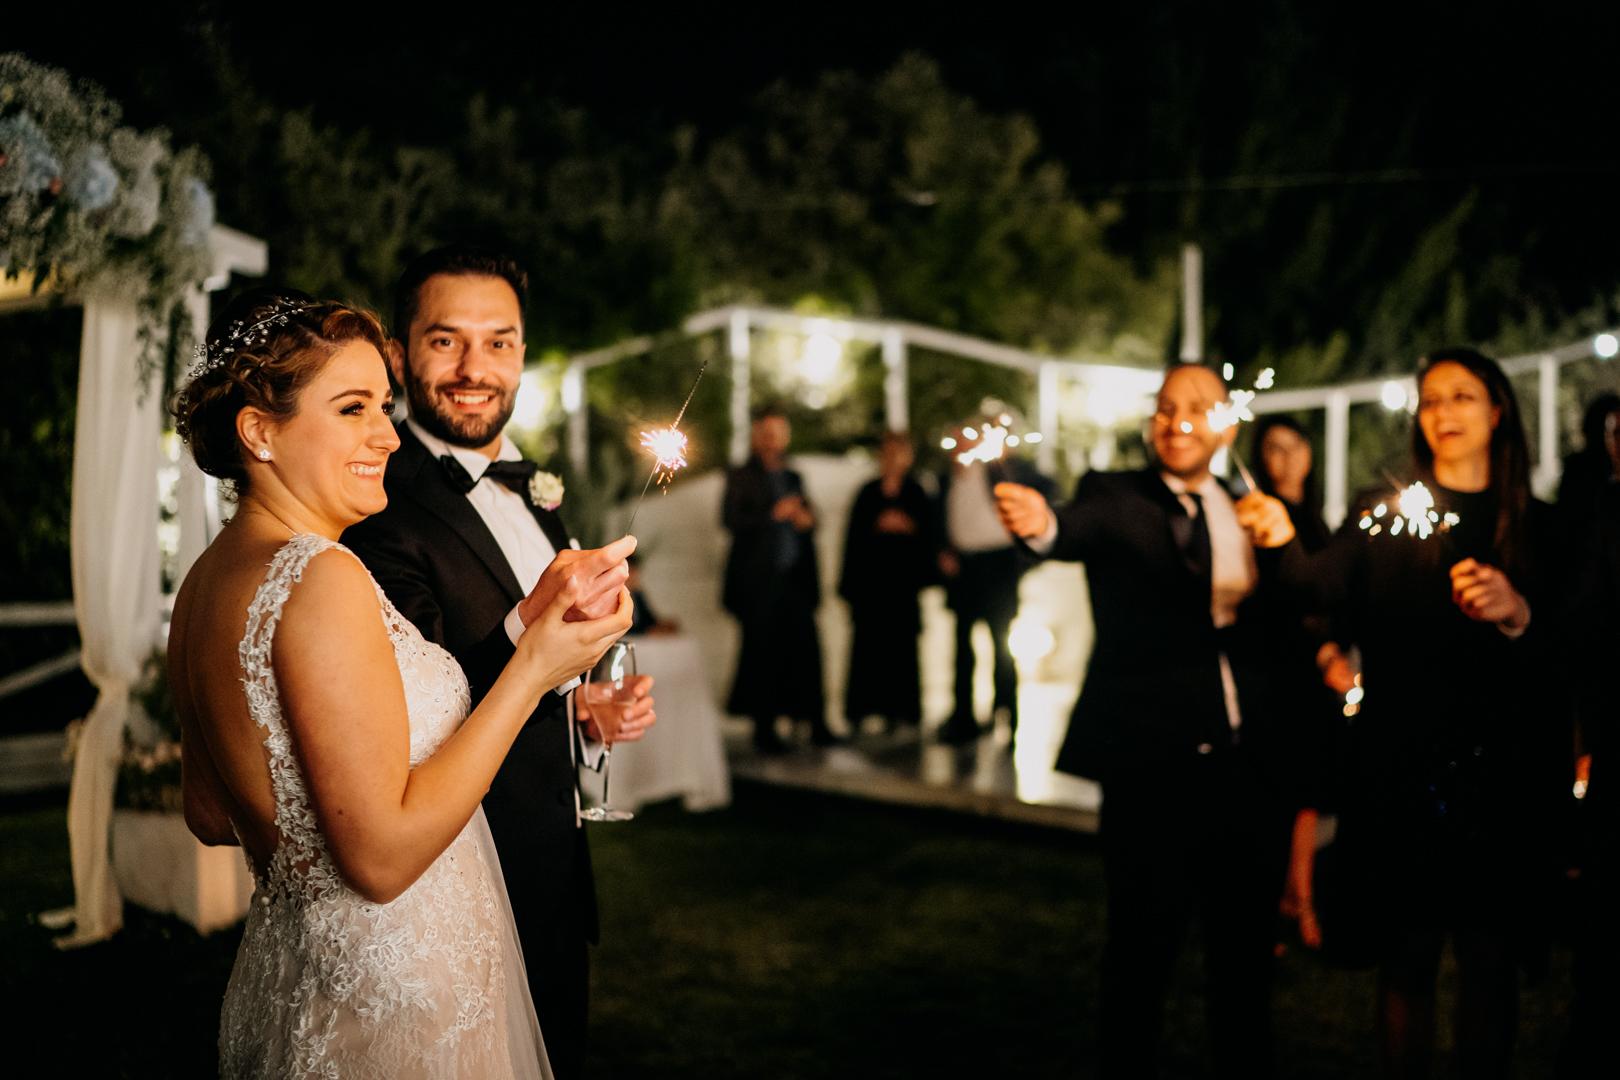 64 dopo-festa-matrimonio-serale-amici-residence-il porto-mare-gianni-lepore